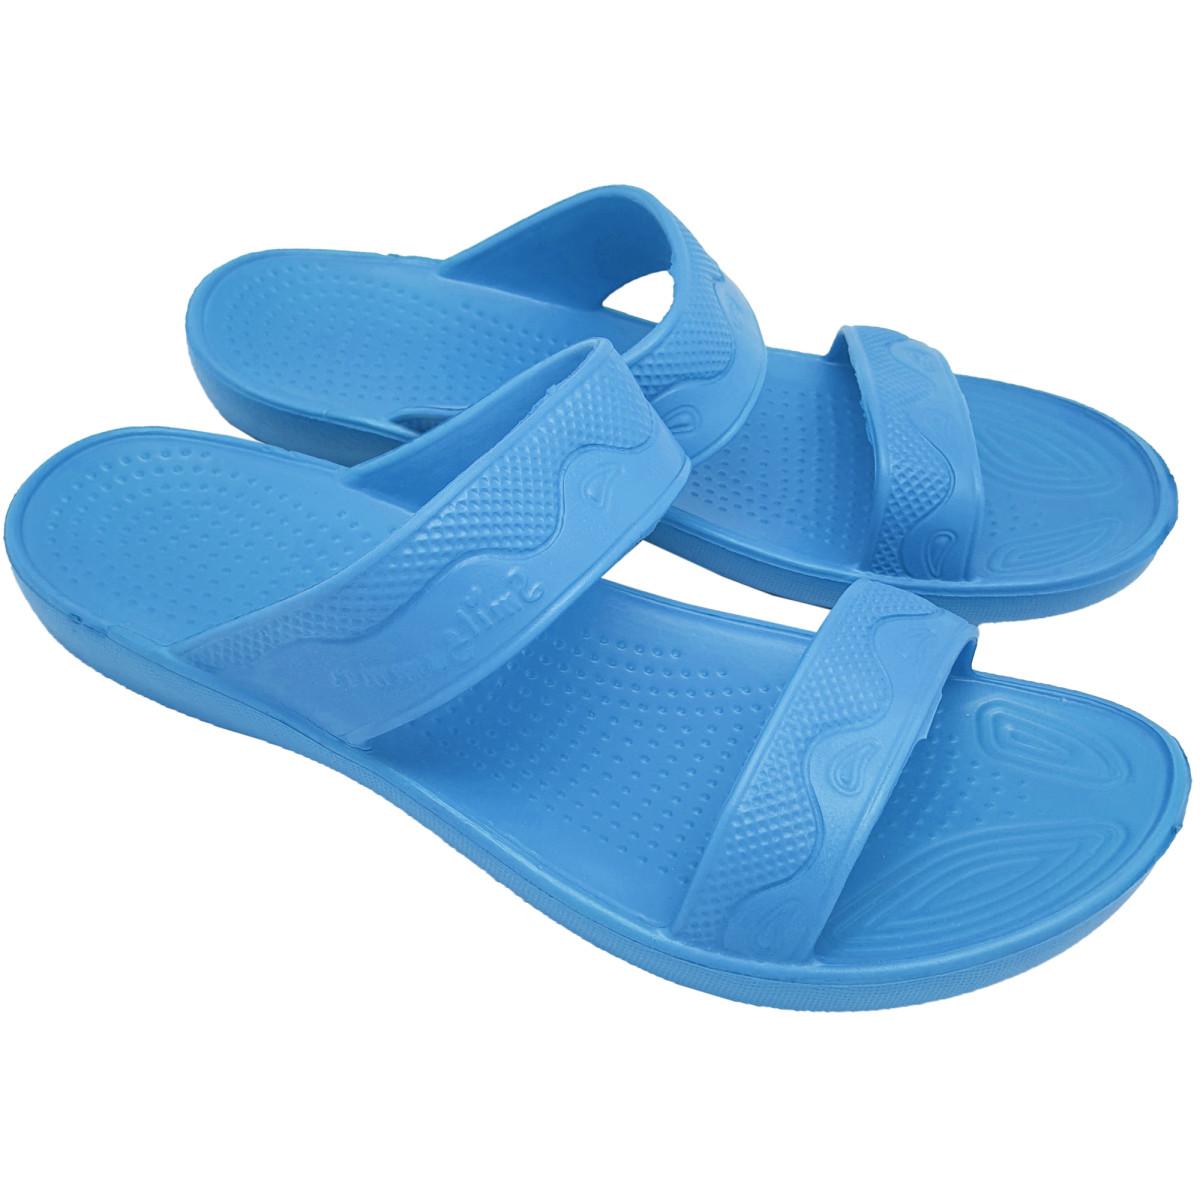 Сланцы пляжные женские размер 41 цвет синий